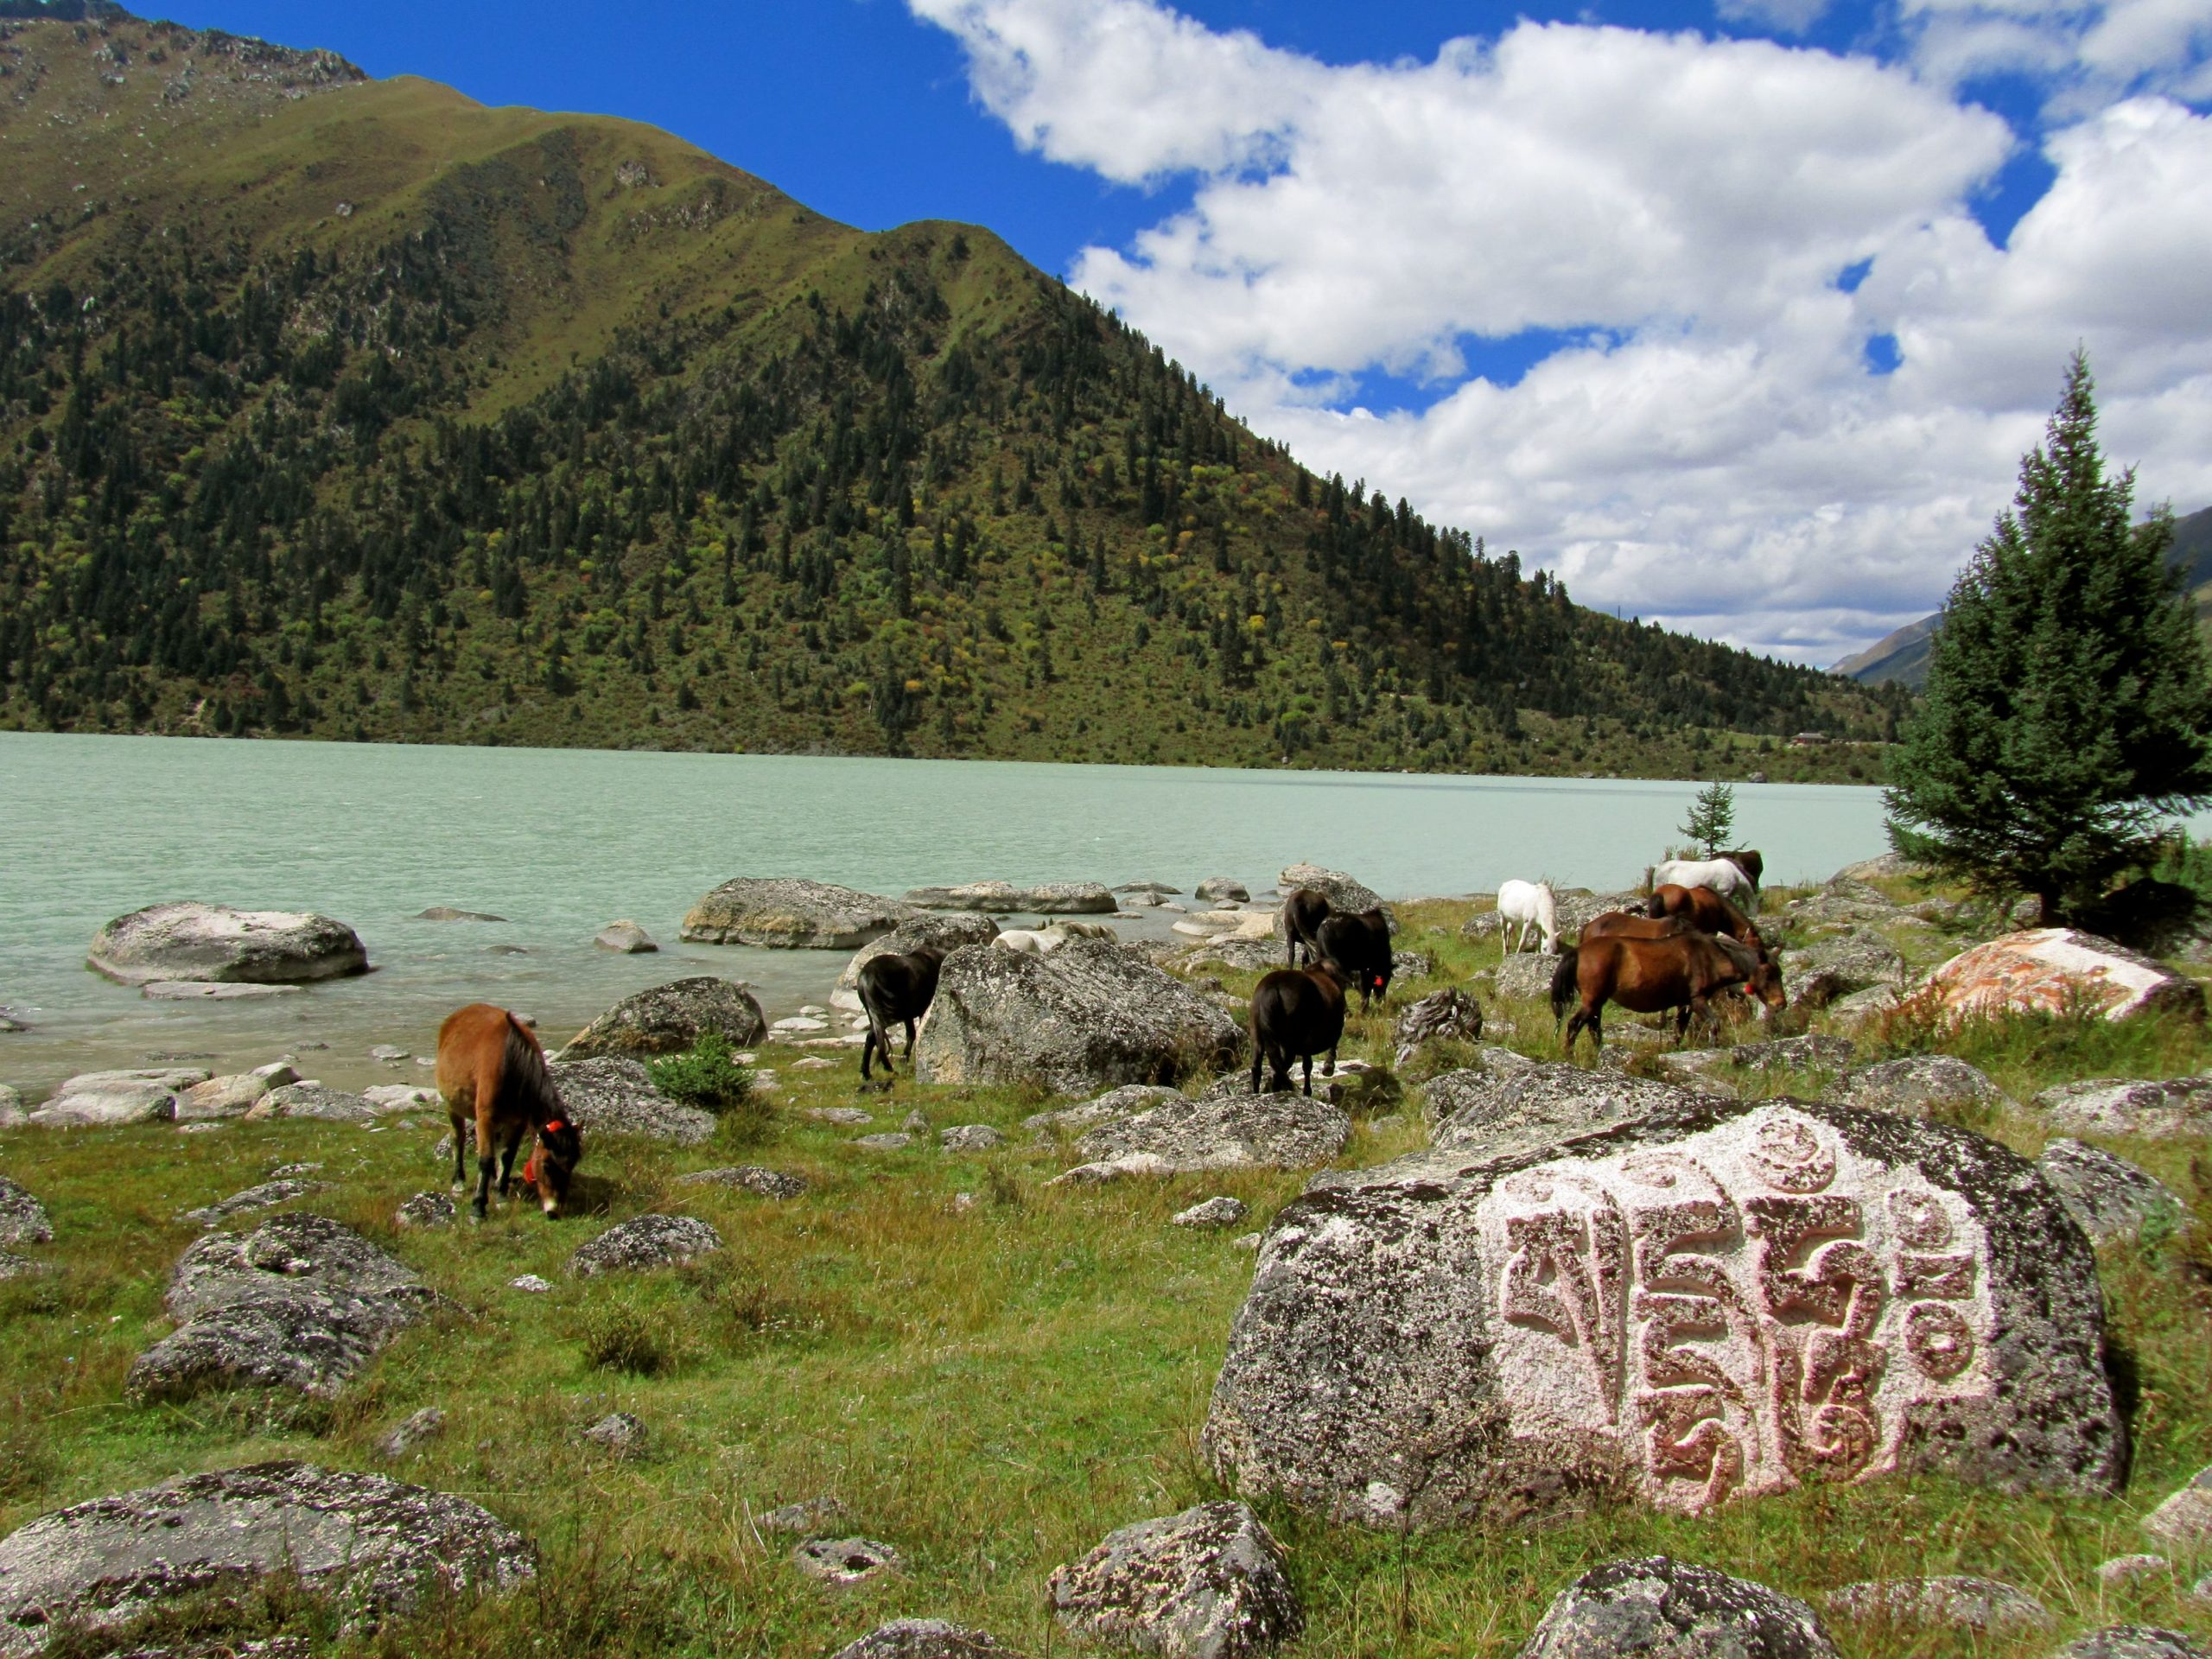 Lihun Lake, Kham